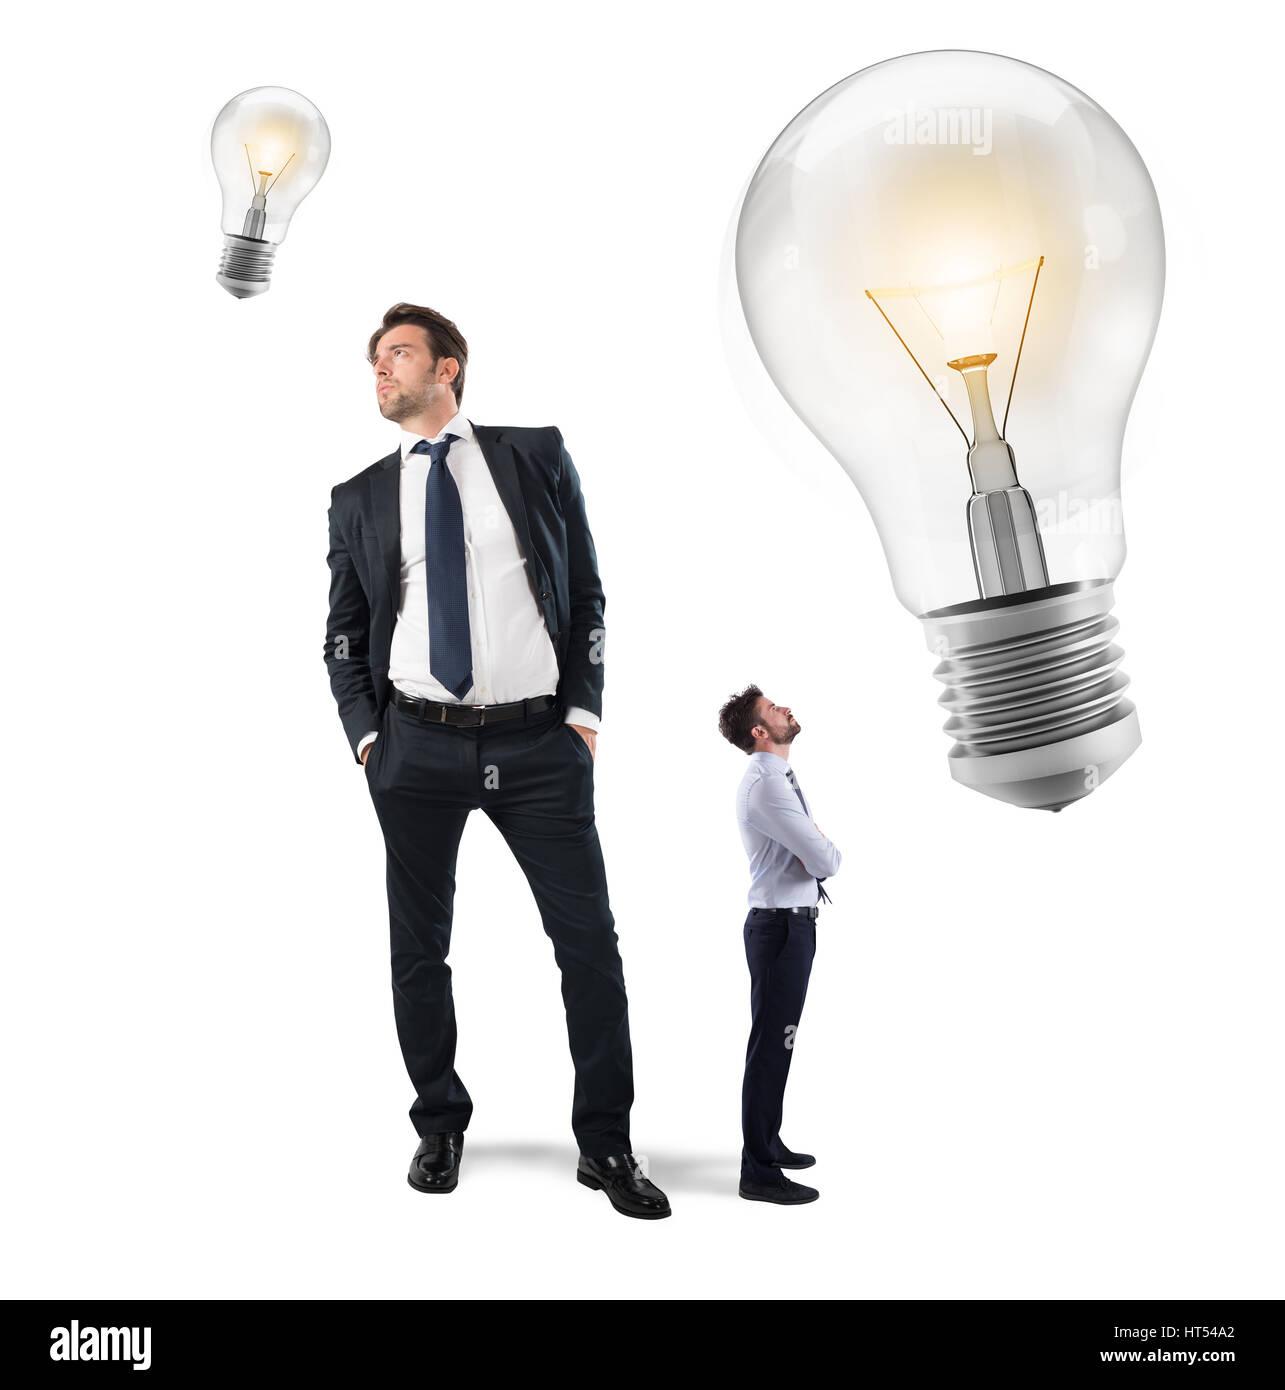 Tolle Ideen von kleinen Geschäftsleuten Stockbild